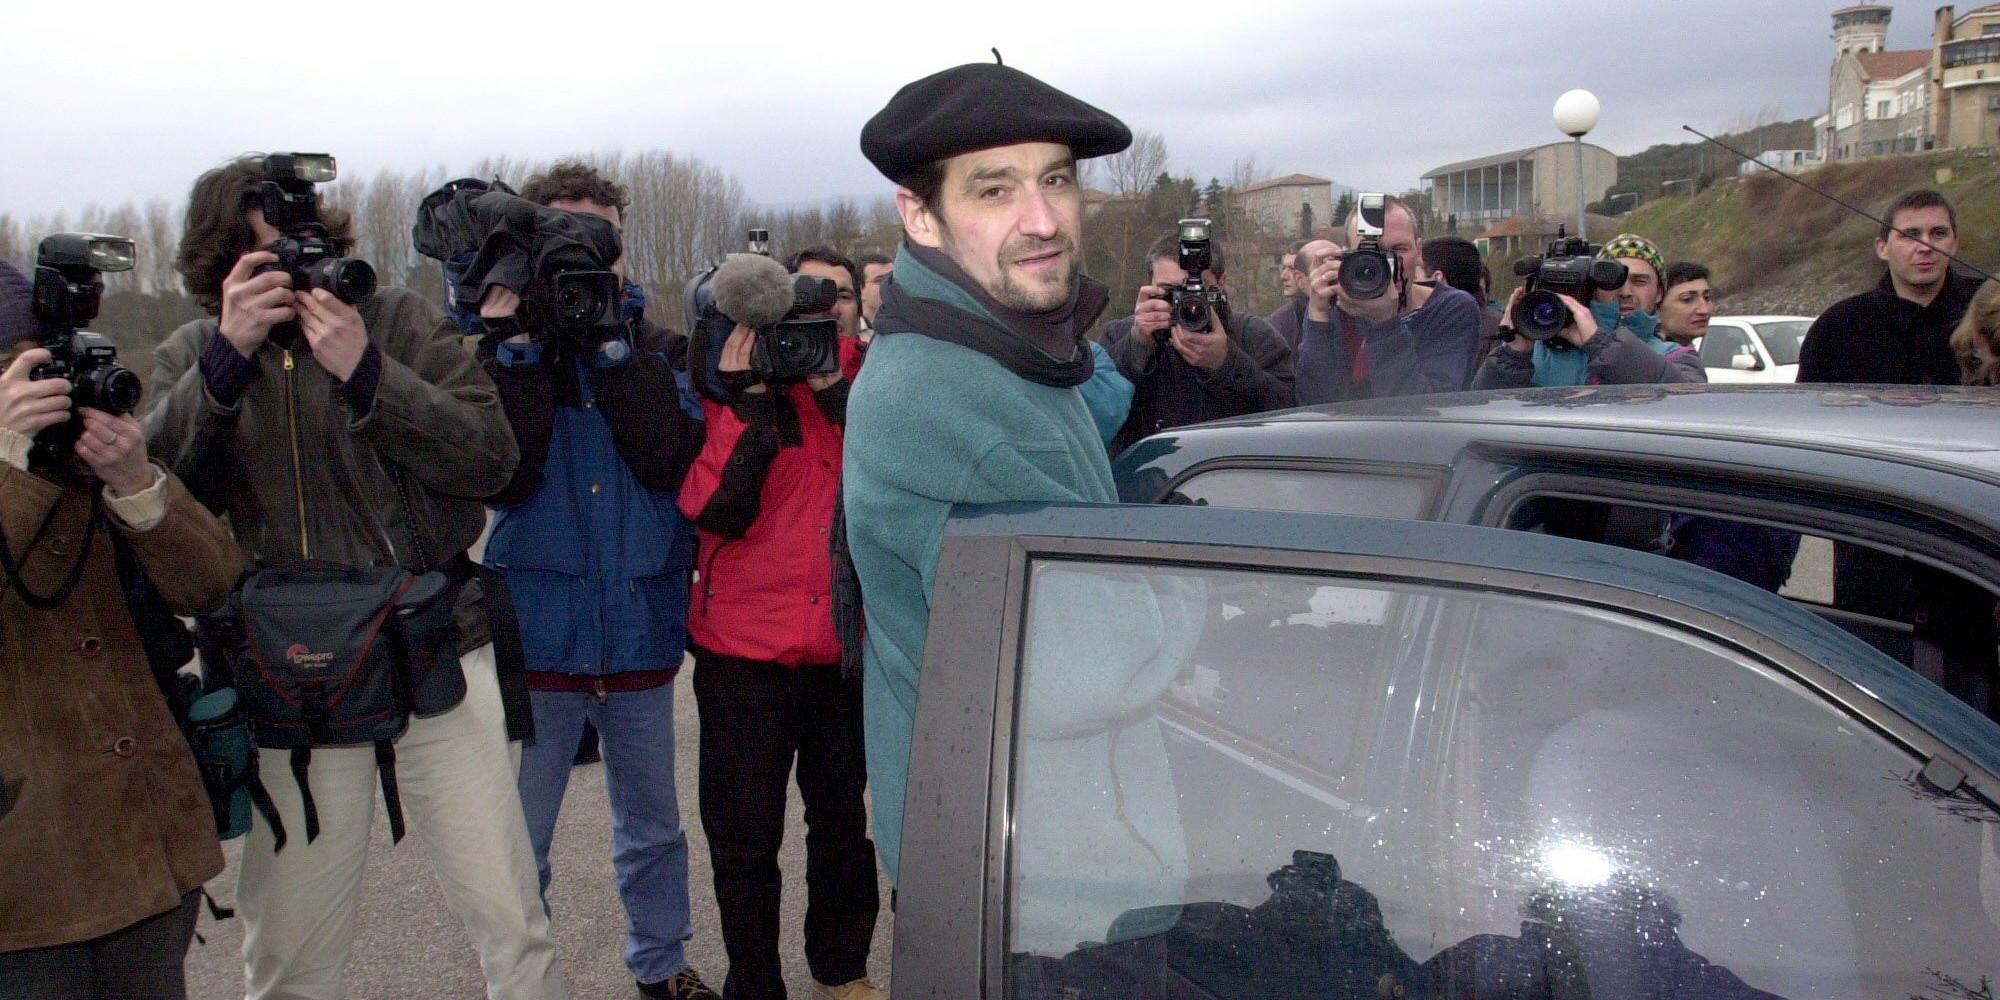 Le dirigeant historique d'ETA, Josu Urrutikoetxea, alias Jose Ternera, face à ses juges